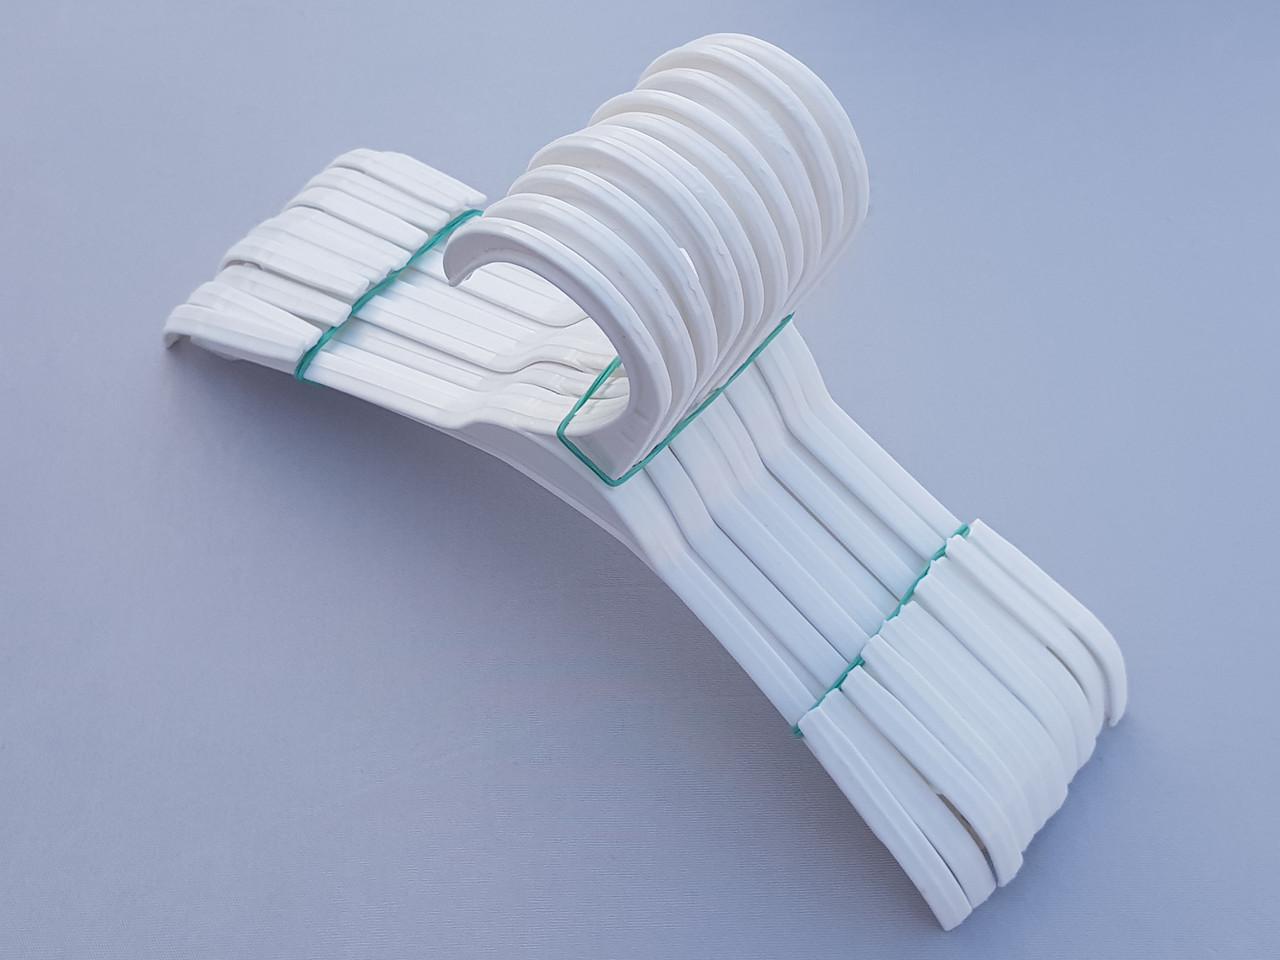 Плечики вешалки тремпеля V-V26 белого цвета,длина 26 см, в упаковке 10 штук